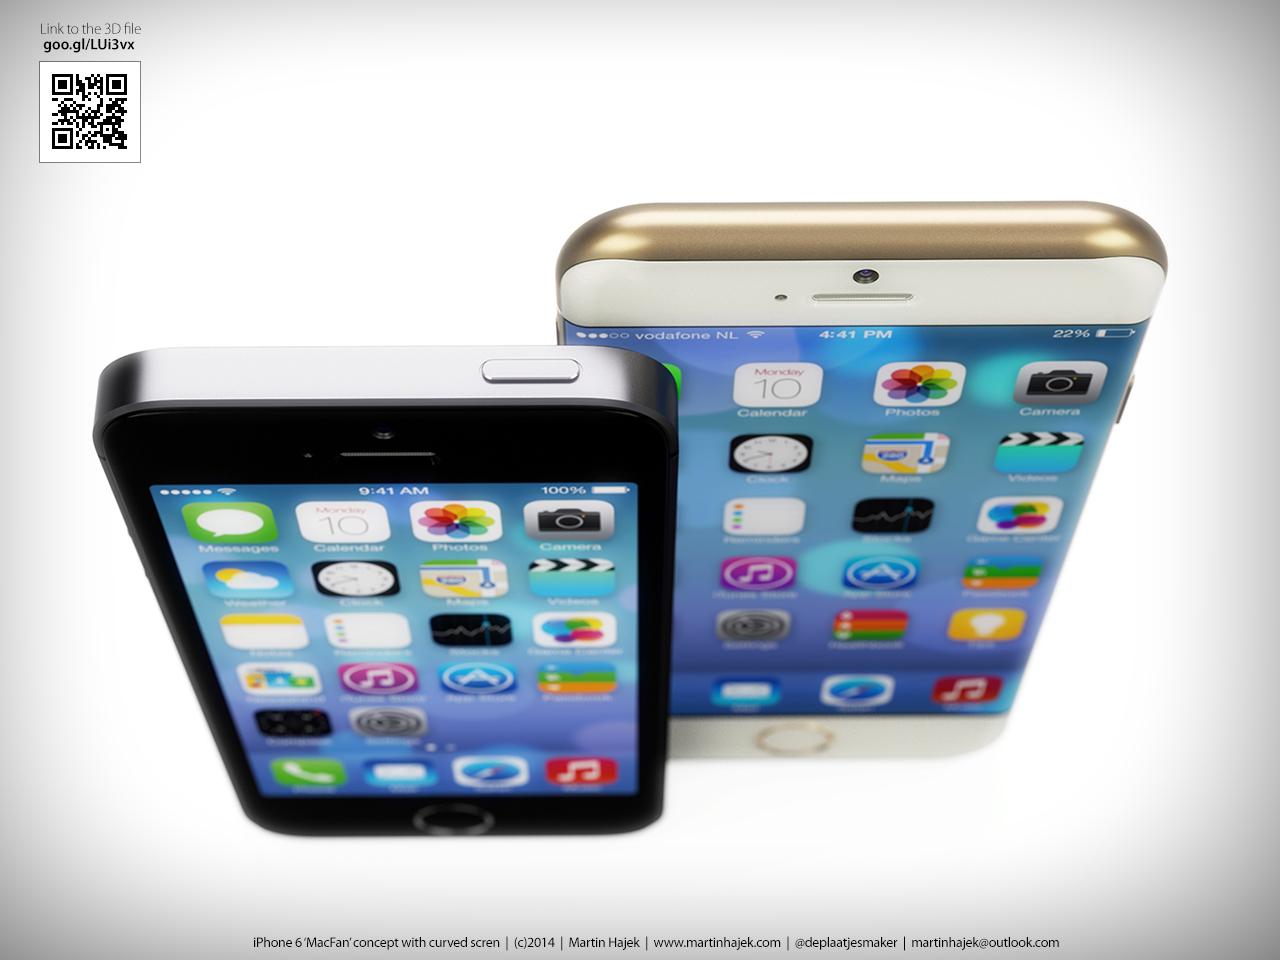 conceito-de-iphone-6-com-tela-curva-4